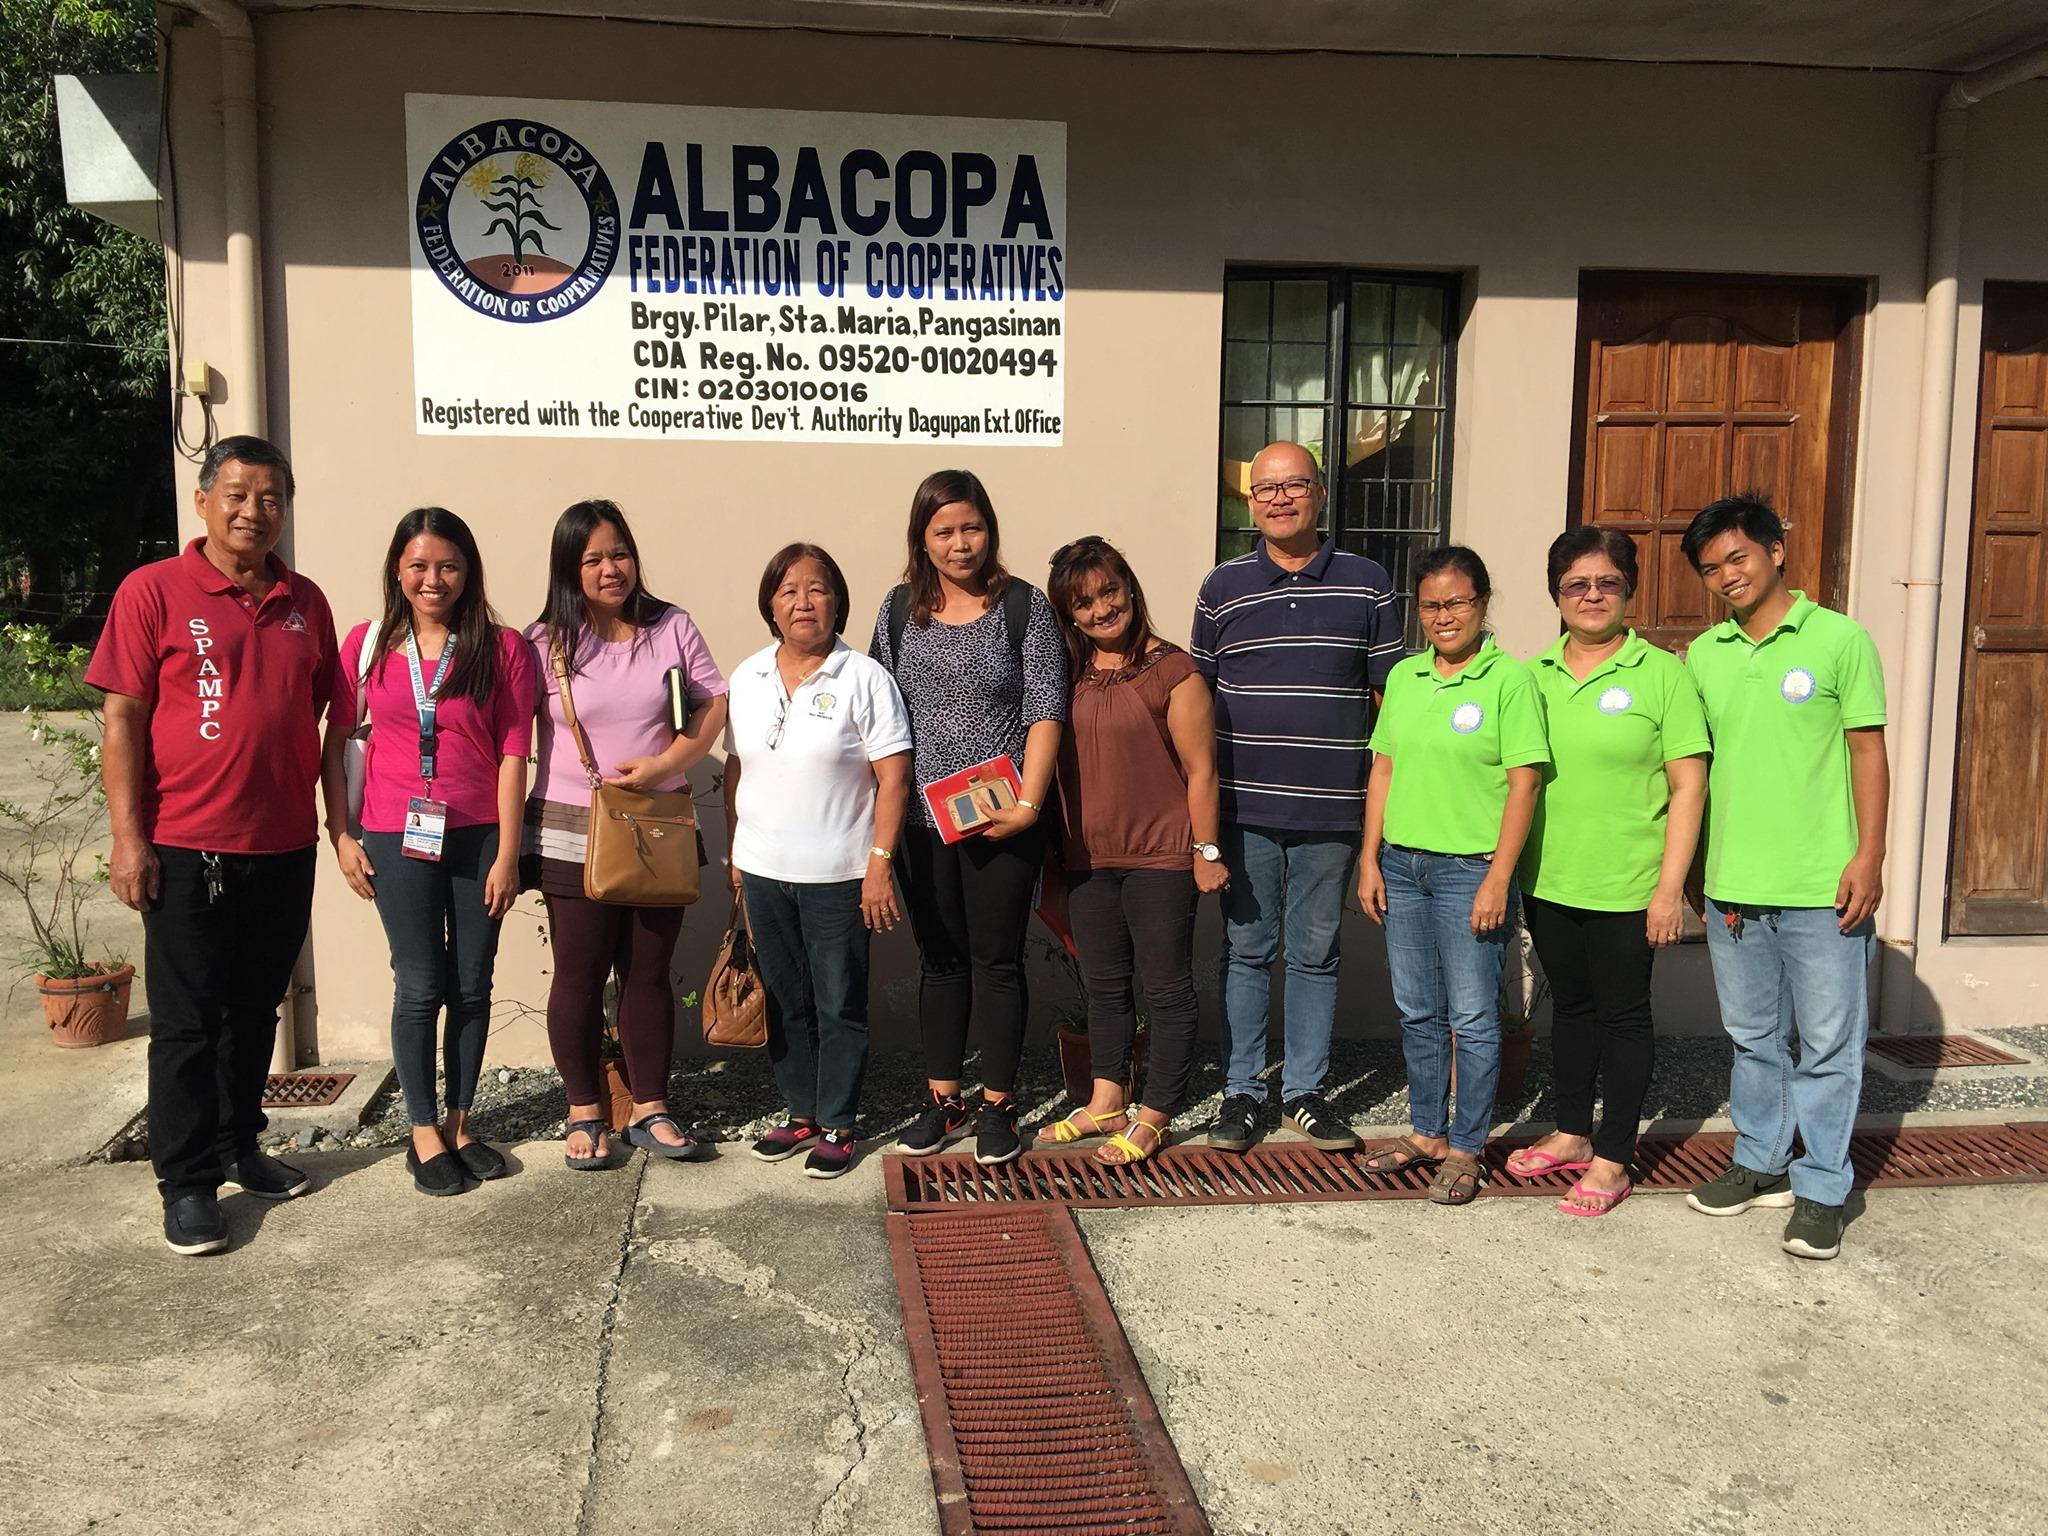 Mangabul Seed Growers Coop, Nakipagpulong sa ALBACOPA Federation Coop